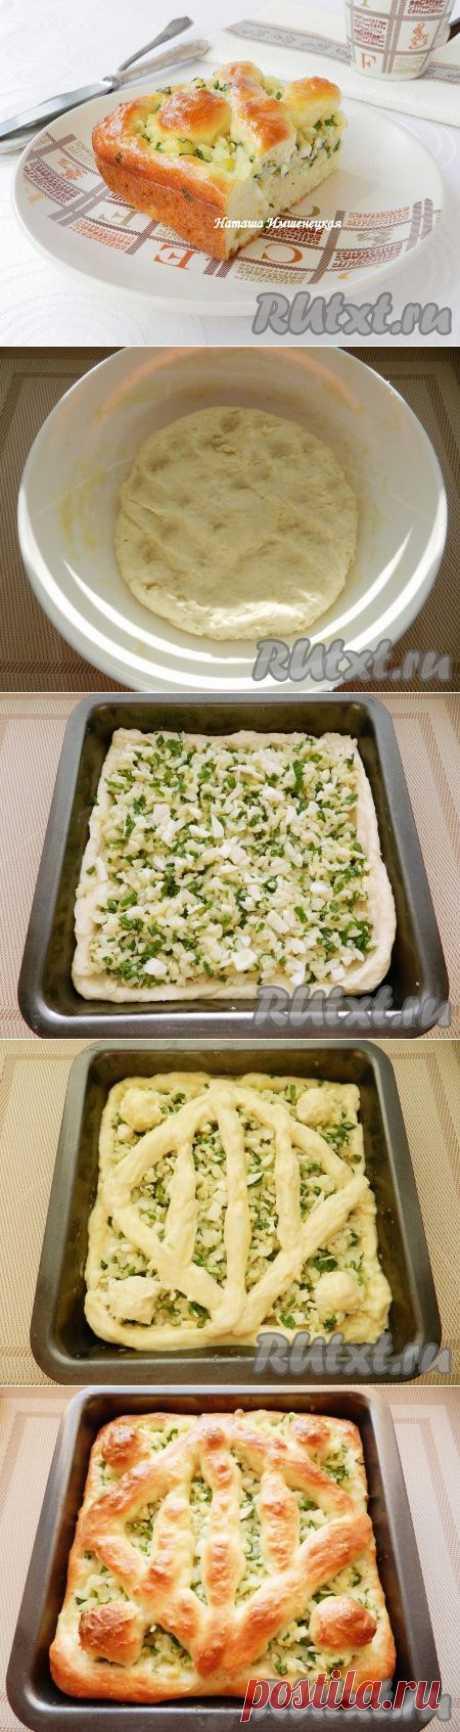 Пирог с зеленым луком (рецепт с фото) | RUtxt.ru